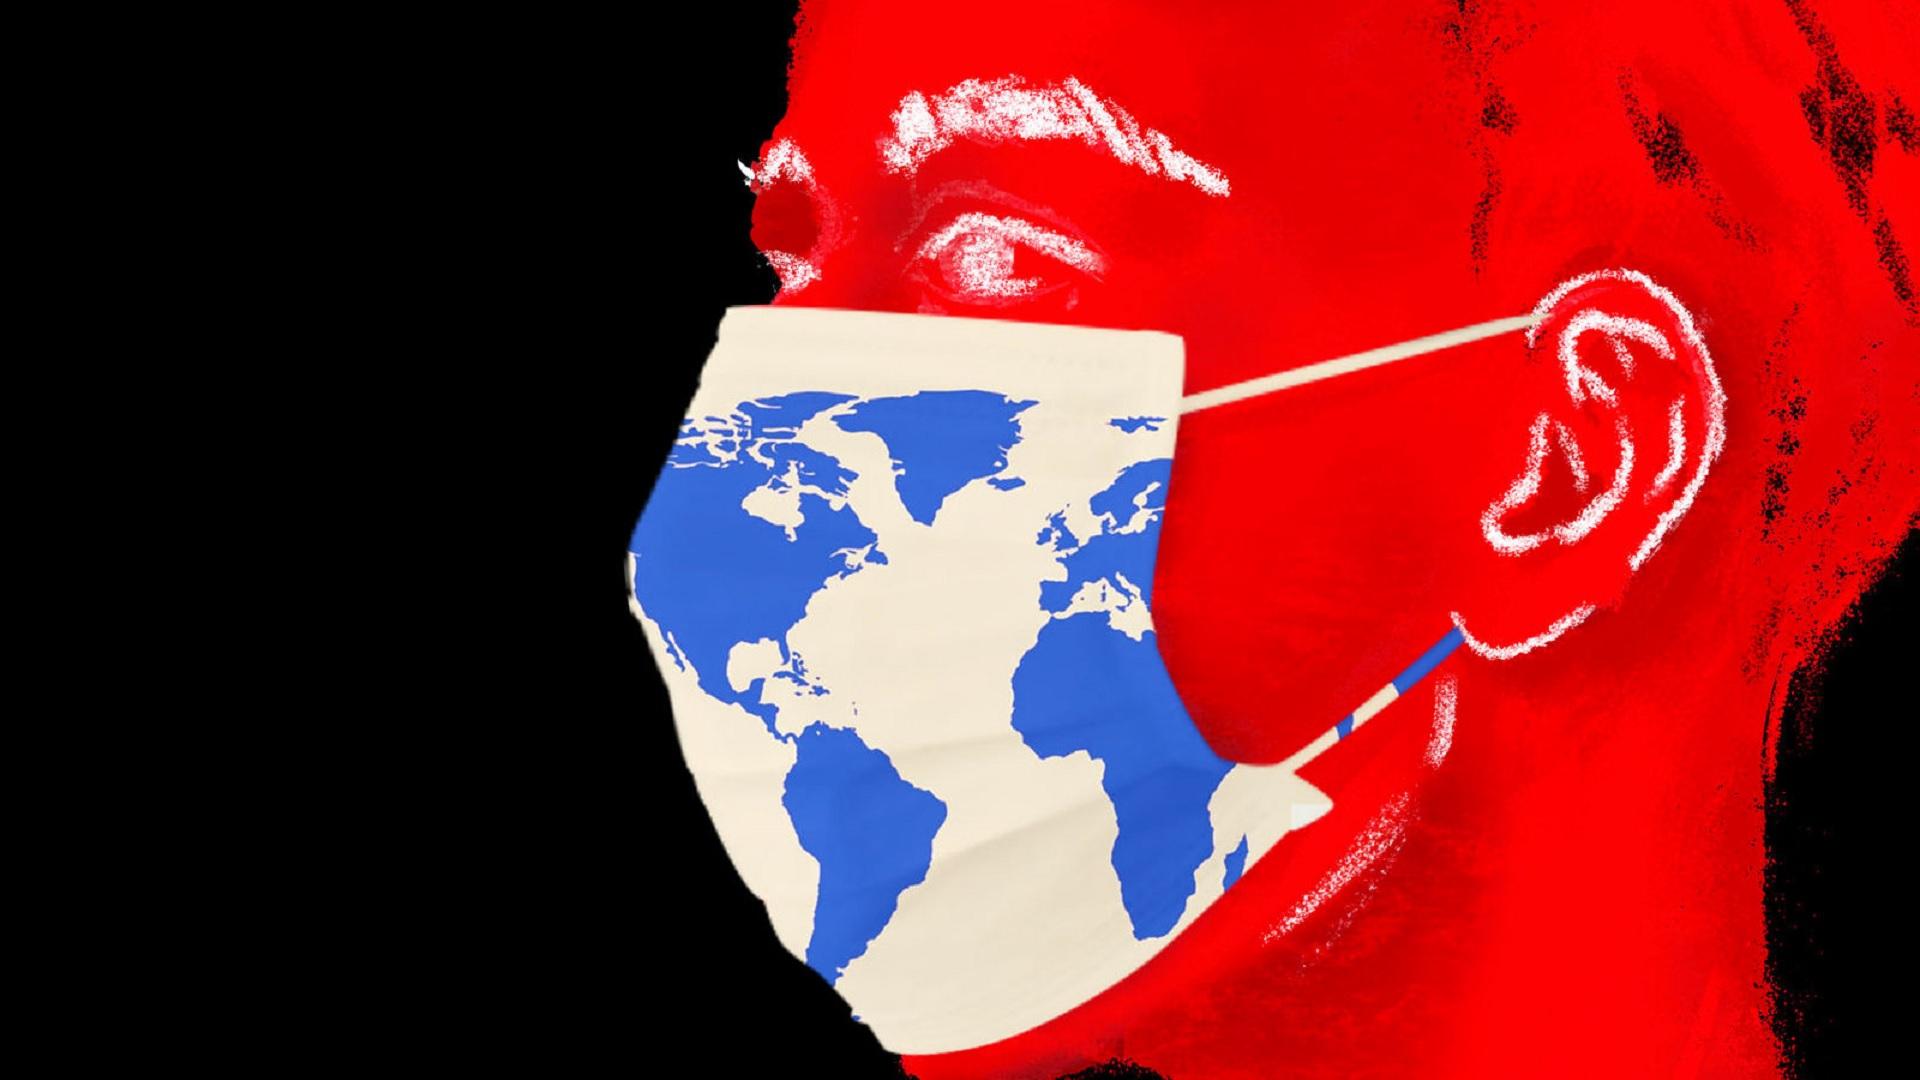 إصابات كورونا المستجد تبلغ 173 مليونا و544 ألفا و368 حالة حول العالم